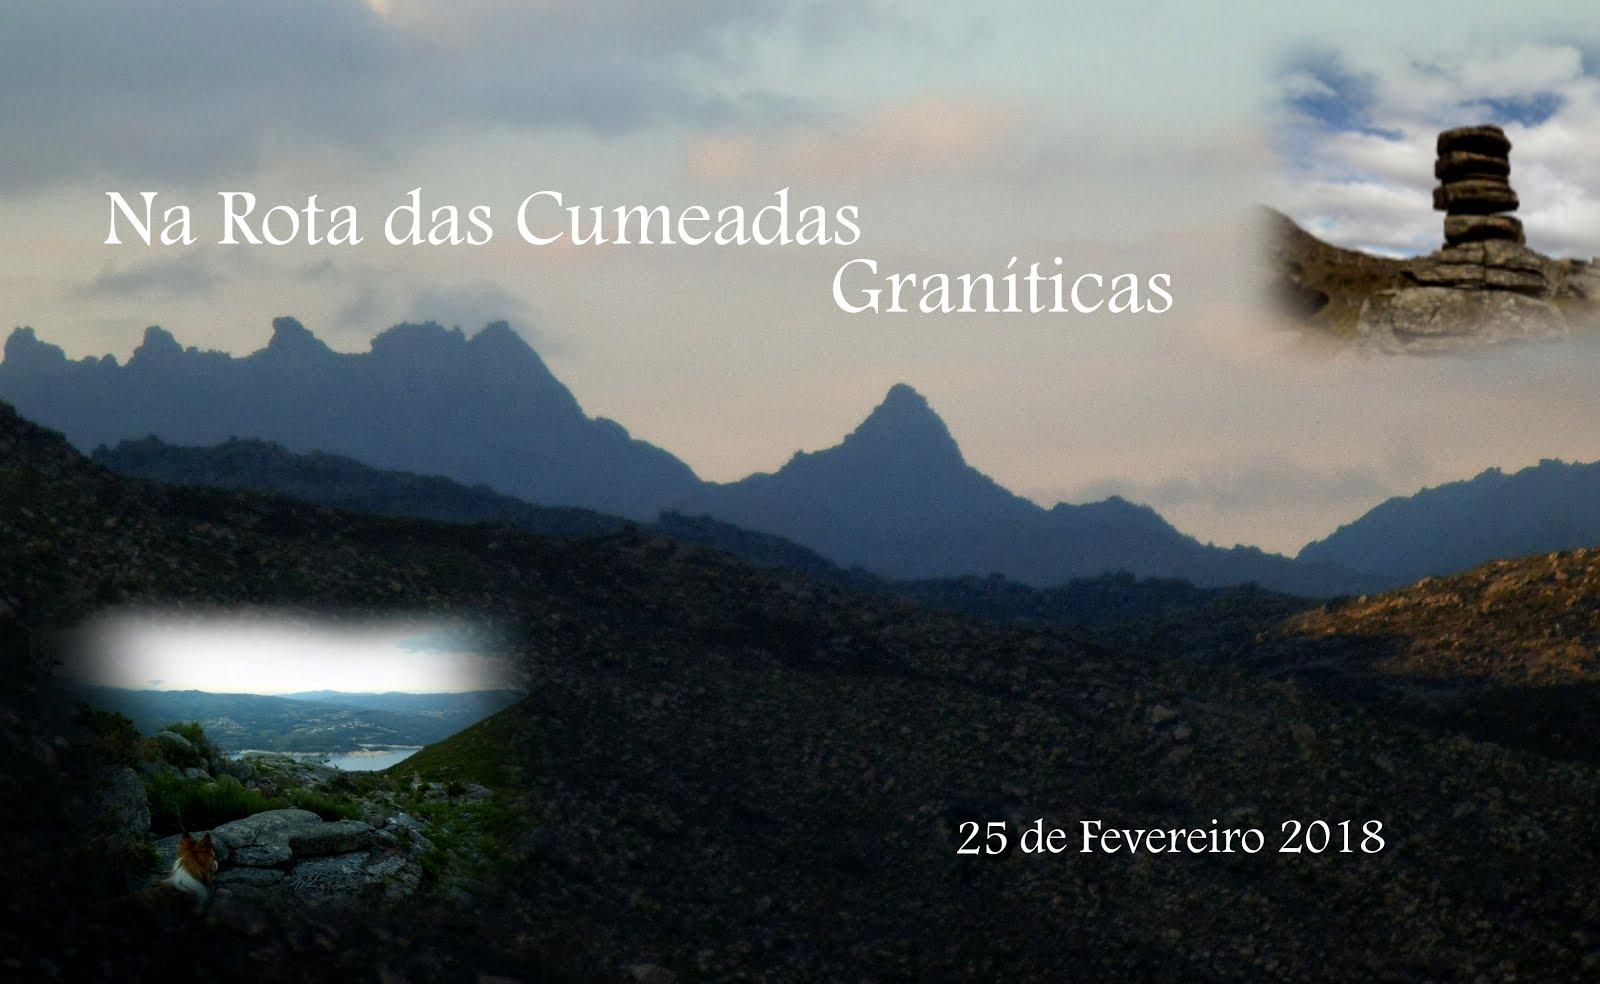 25/02/18 - Na Rota das Cumeadas Graníticas